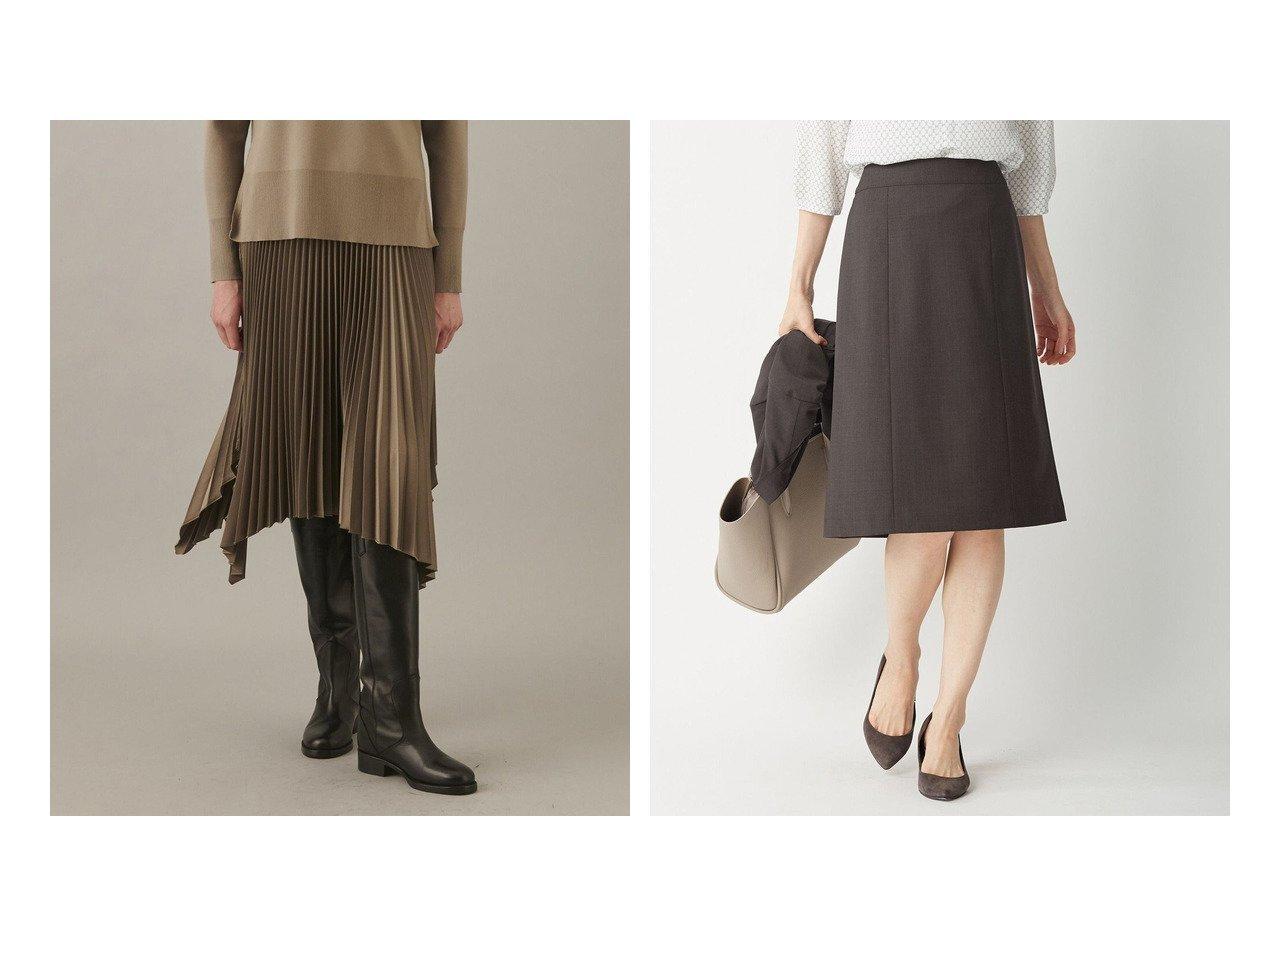 【JOSEPH/ジョゼフ】のニットウェーブプリーツ スカート&【J.PRESS/ジェイ プレス】のBAHARIYE NEW スカート 【スカート】おすすめ!人気、トレンド・レディースファッションの通販 おすすめで人気の流行・トレンド、ファッションの通販商品 インテリア・家具・メンズファッション・キッズファッション・レディースファッション・服の通販 founy(ファニー) https://founy.com/ ファッション Fashion レディースファッション WOMEN スカート Skirt プリーツスカート Pleated Skirts ジャケット 定番 Standard 送料無料 Free Shipping イレギュラーヘム シンプル ドレープ プリーツ 再入荷 Restock/Back in Stock/Re Arrival |ID:crp329100000067248